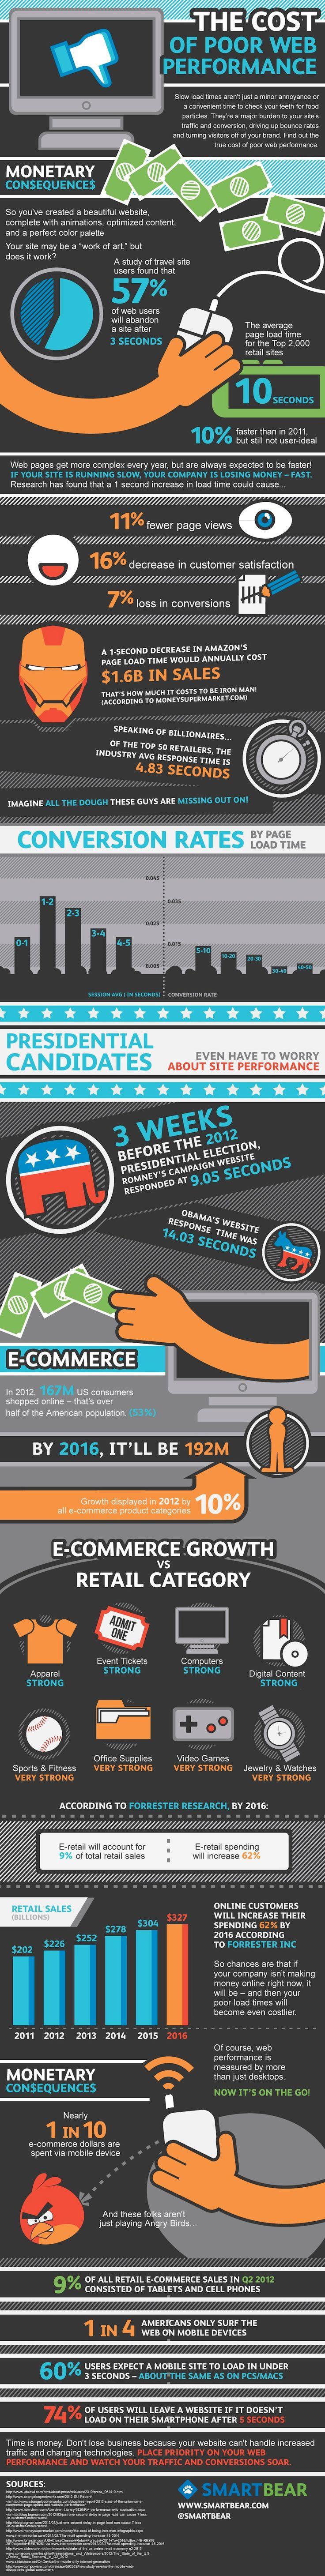 Slow Websites Cost Retailers B